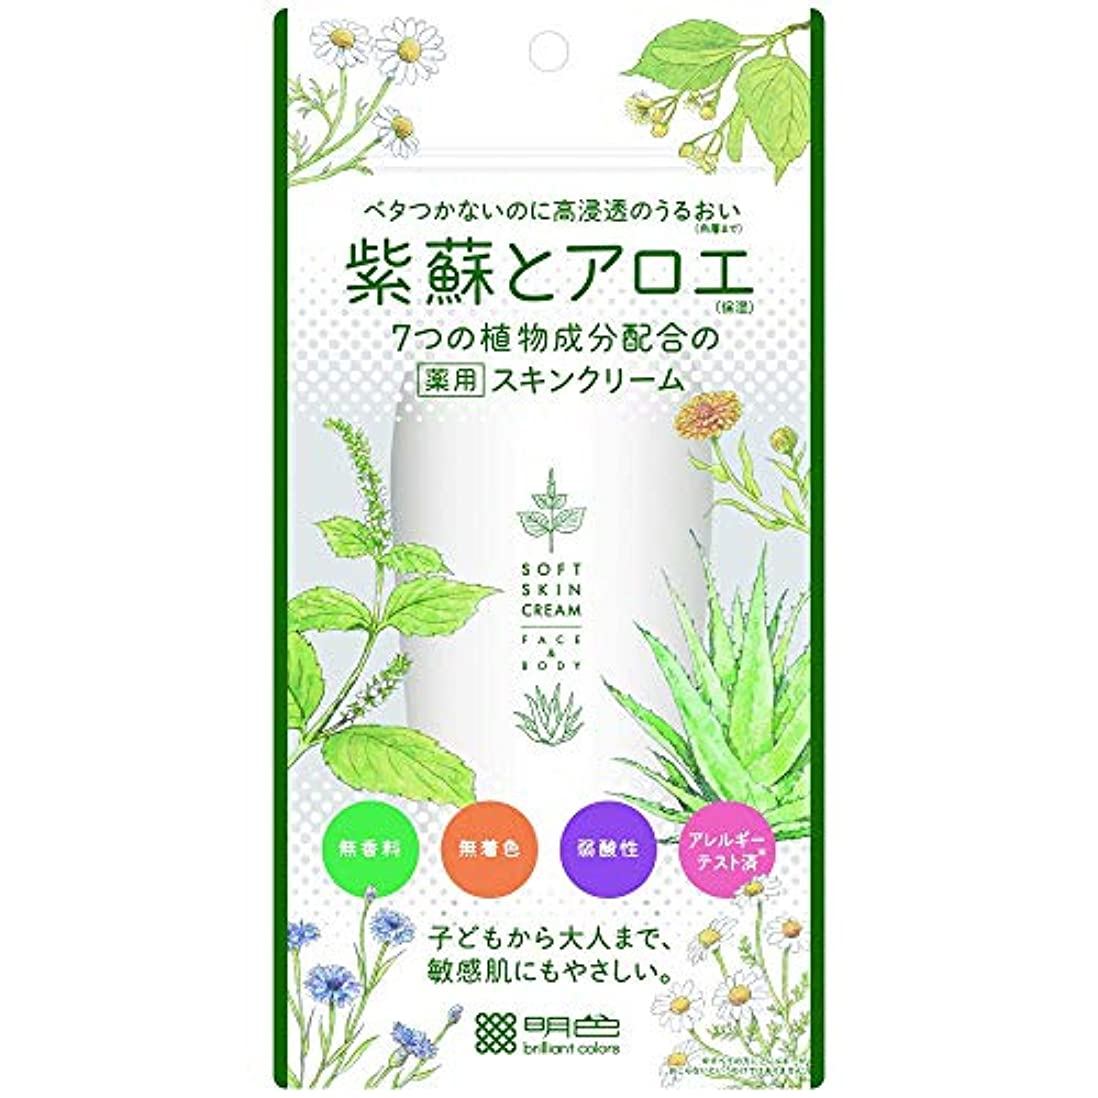 四半期五マオリ【8個セット】紫蘇とアロエ 薬用スキンクリーム 190g